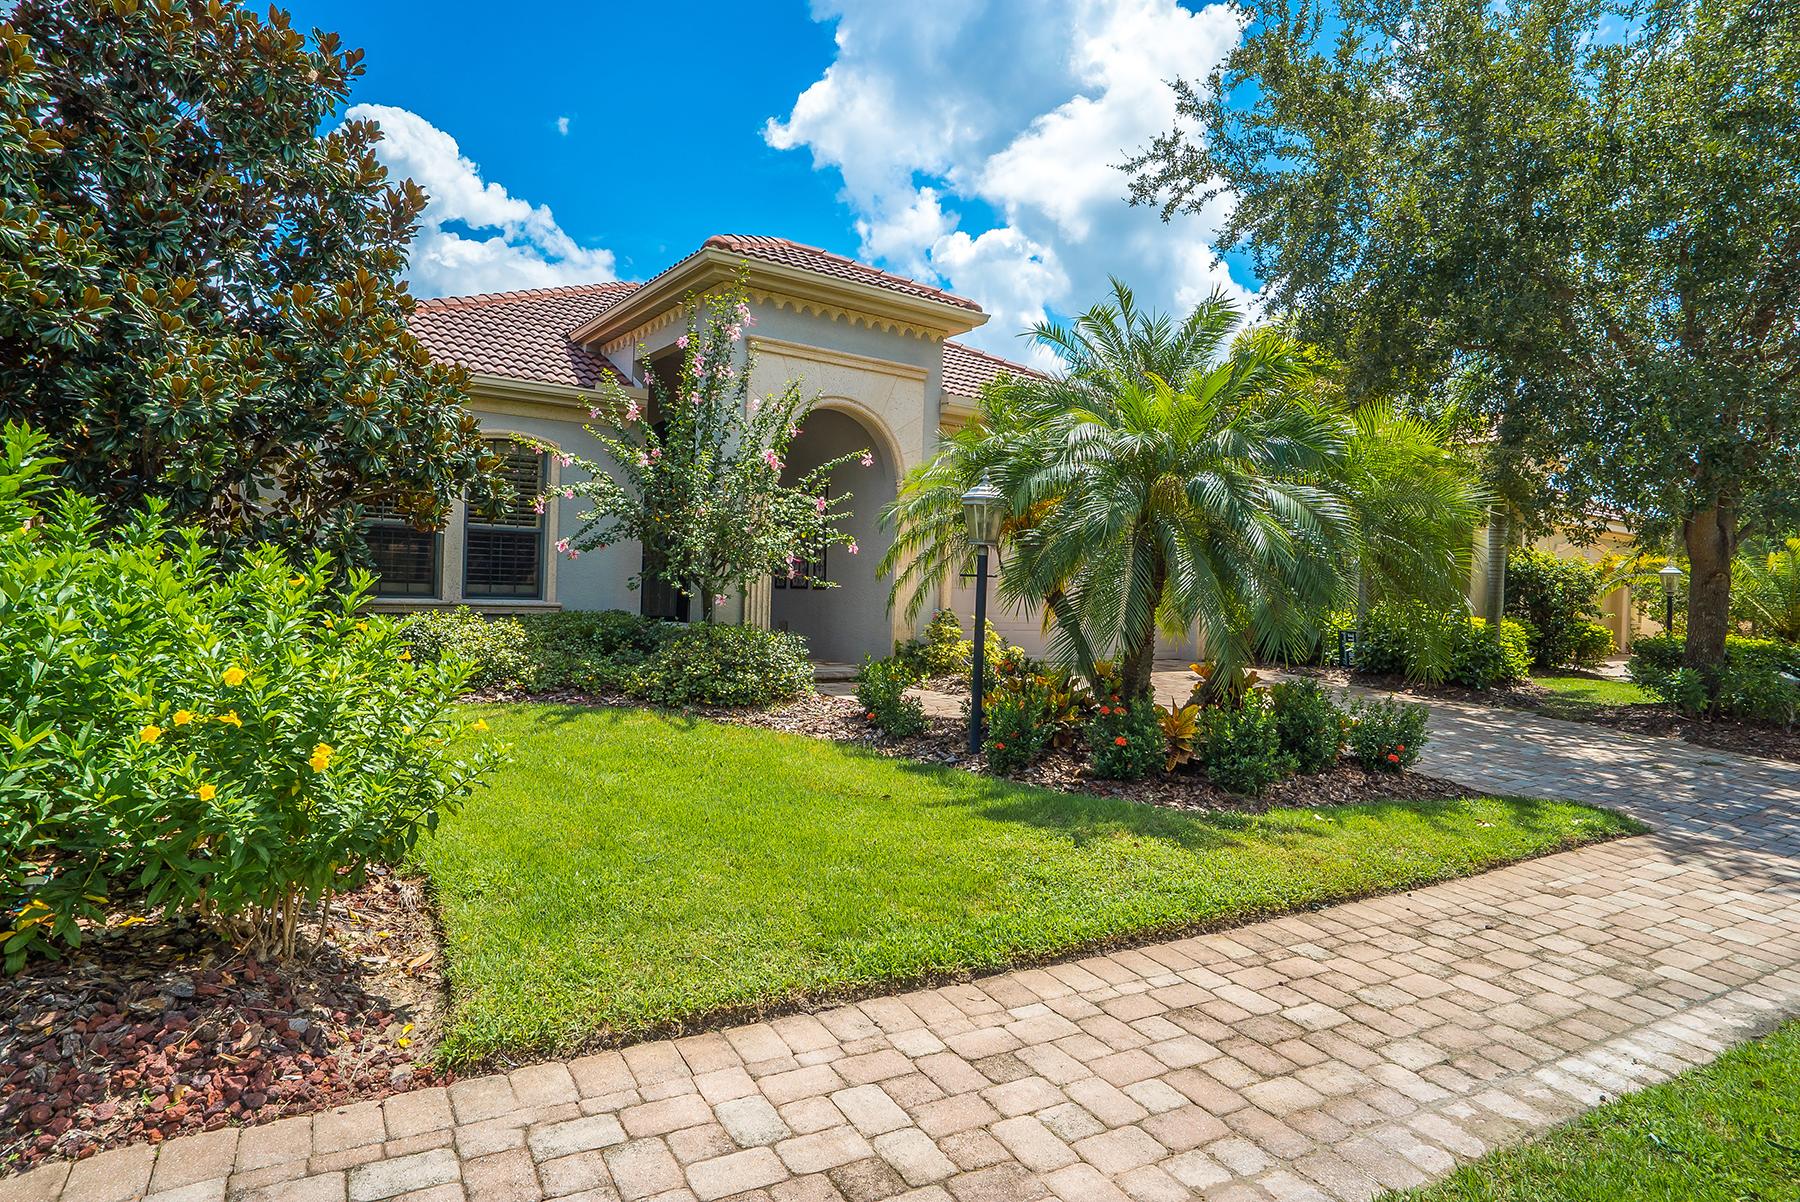 Maison unifamiliale pour l Vente à LAKEWOOD RANCH COUNTRY CLUB 7415 Riviera Cv Lakewood Ranch, Florida, 34202 États-Unis